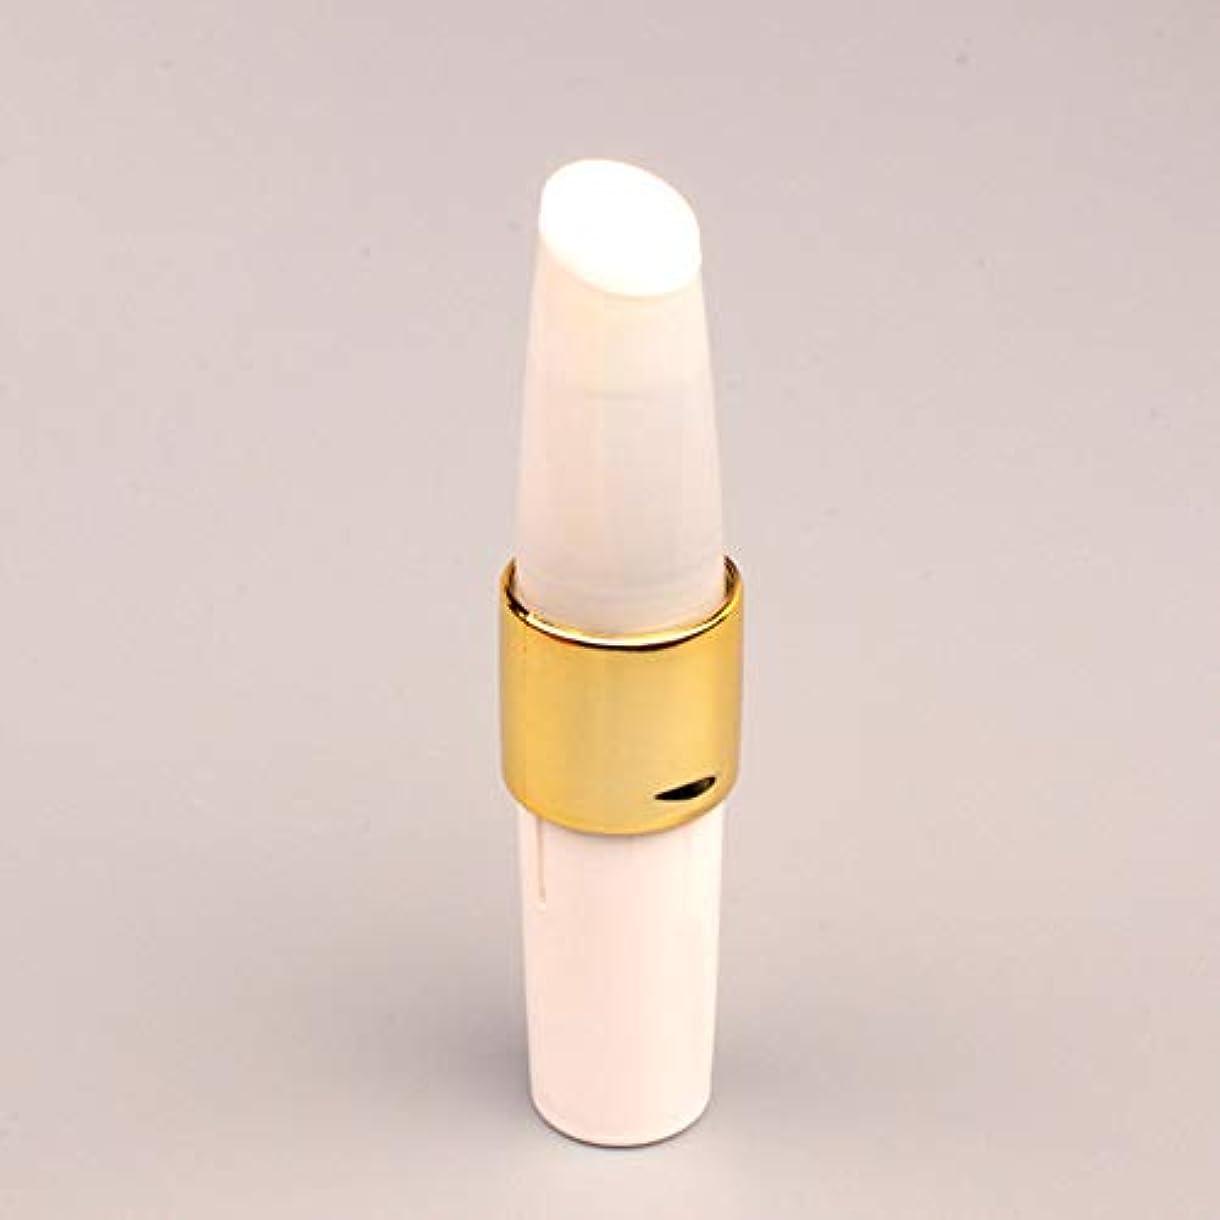 塊一目モンキーZXF 新しいナノスプレー水和美容機器ハンドヘルドポータブルABS素材コールドスプレー保湿顔の水分補給器具ブラックモデルホワイト 滑らかである (色 : White)